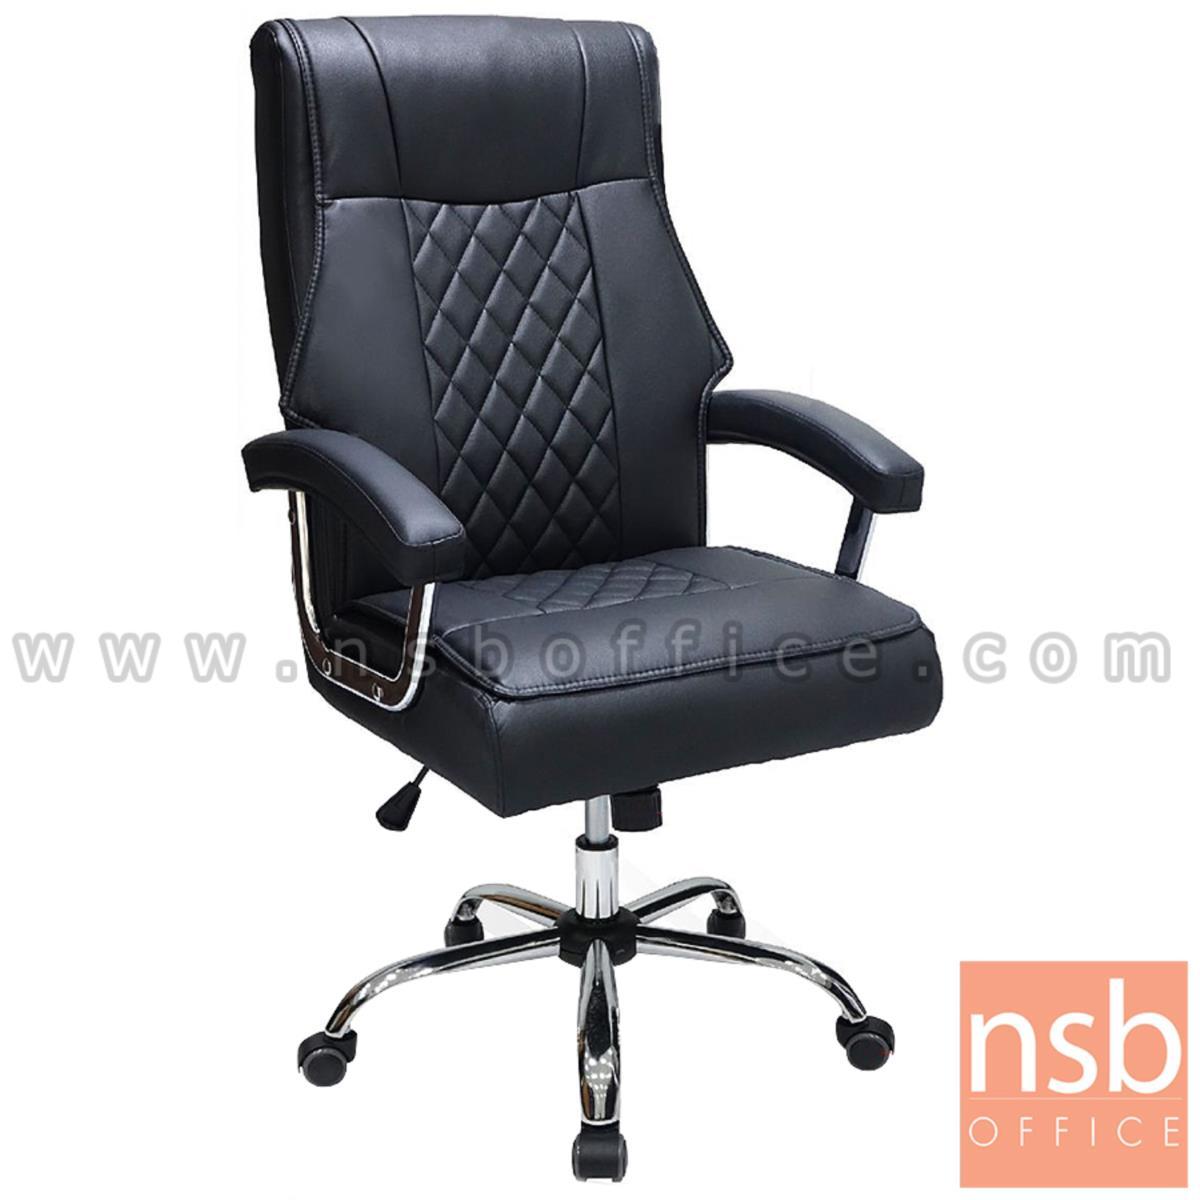 B01A503:เก้าอี้ผู้บริหาร รุ่น TIGER (ไทเกอร์)  โช๊คแก๊ส มีก้อนโยก ขาเหล็กชุบโครเมี่ยม